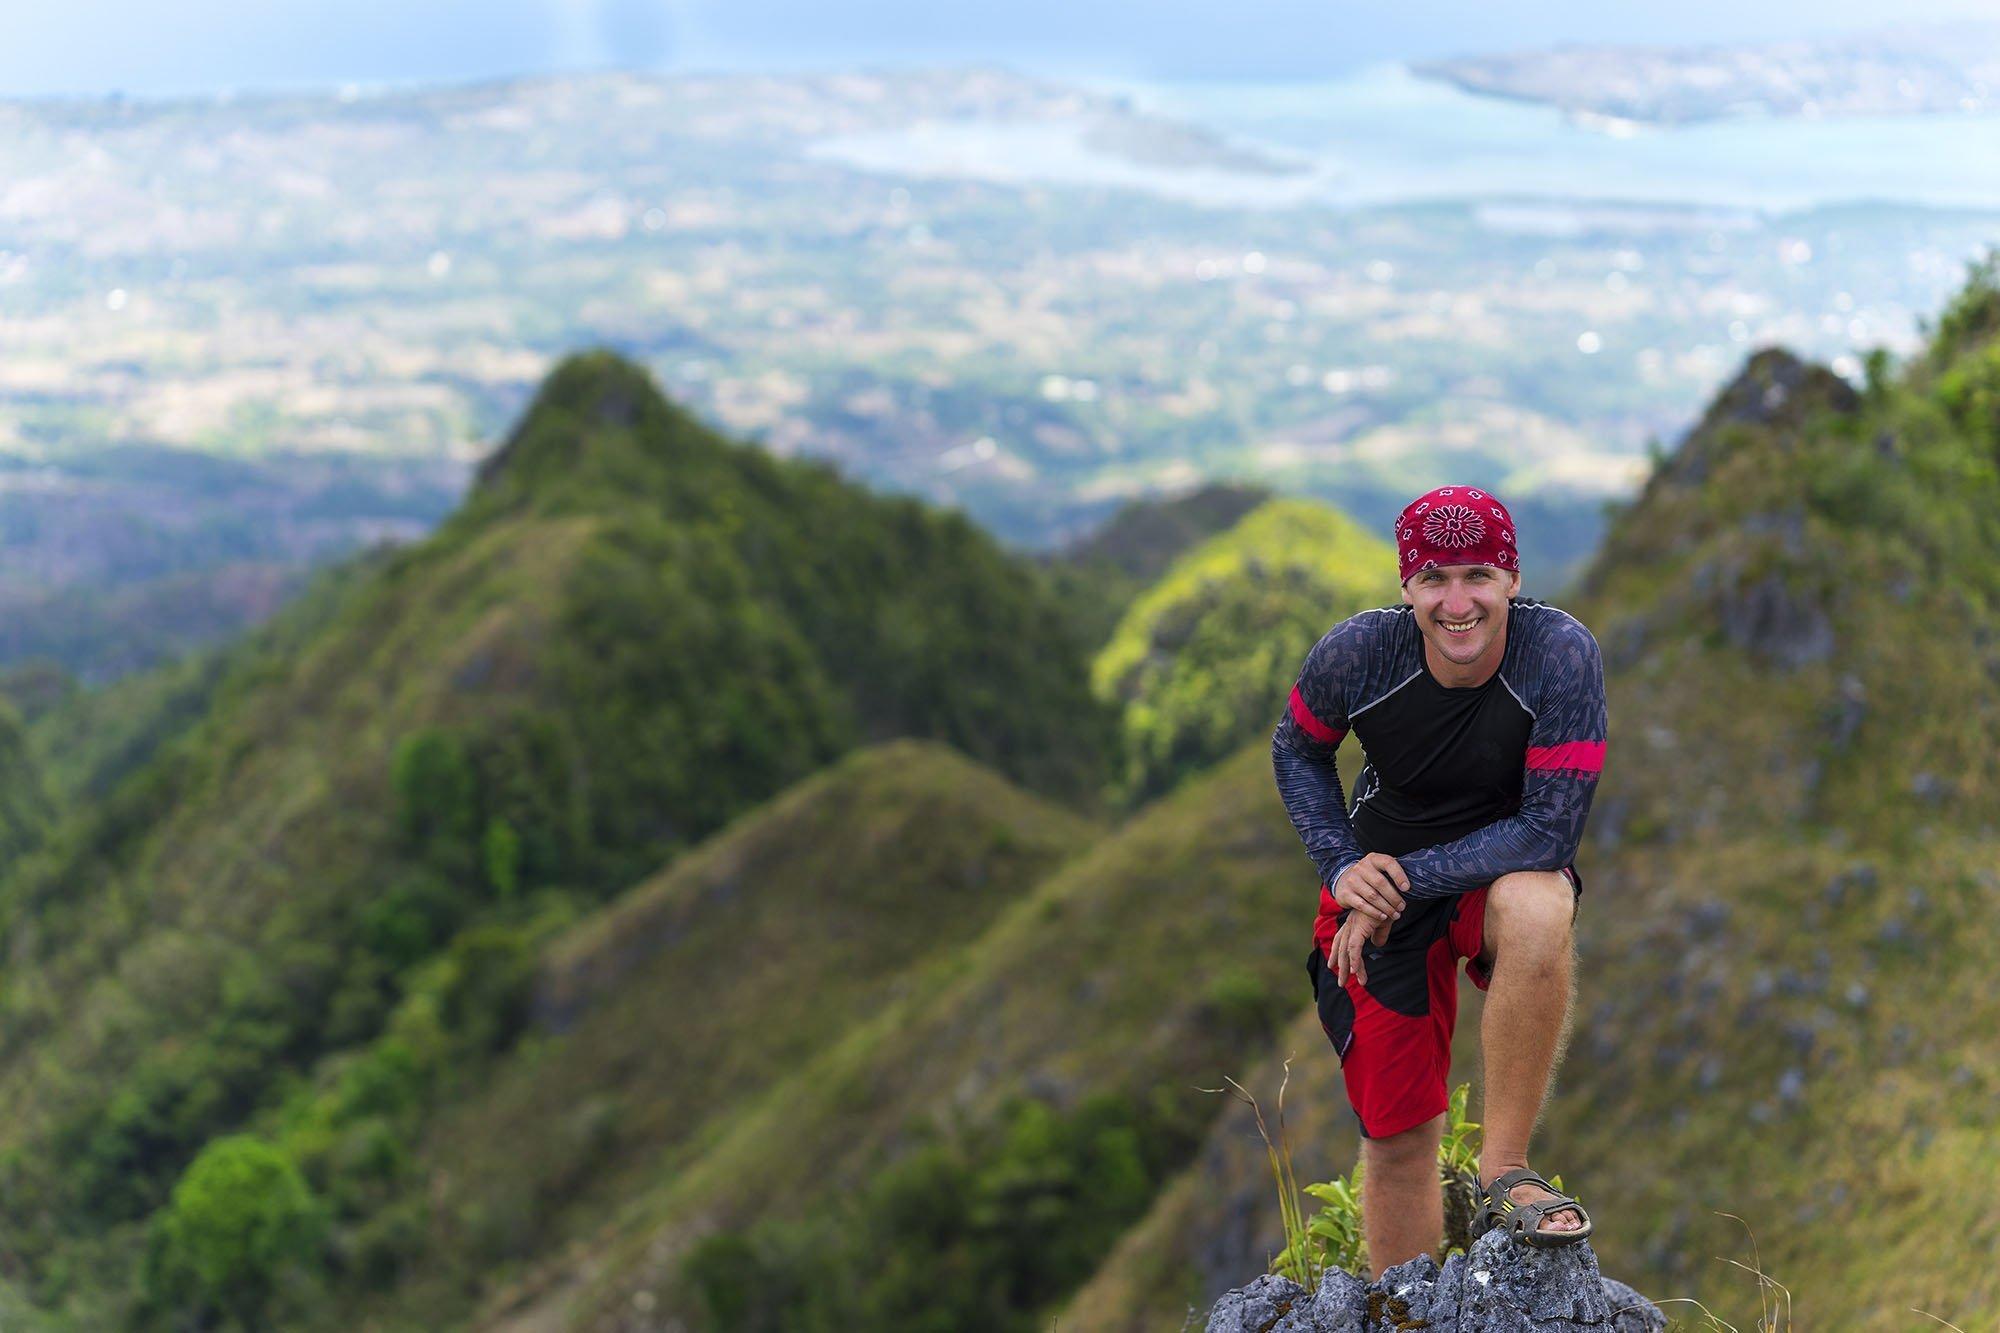 Osmeña Peak, Cebu, Philippines